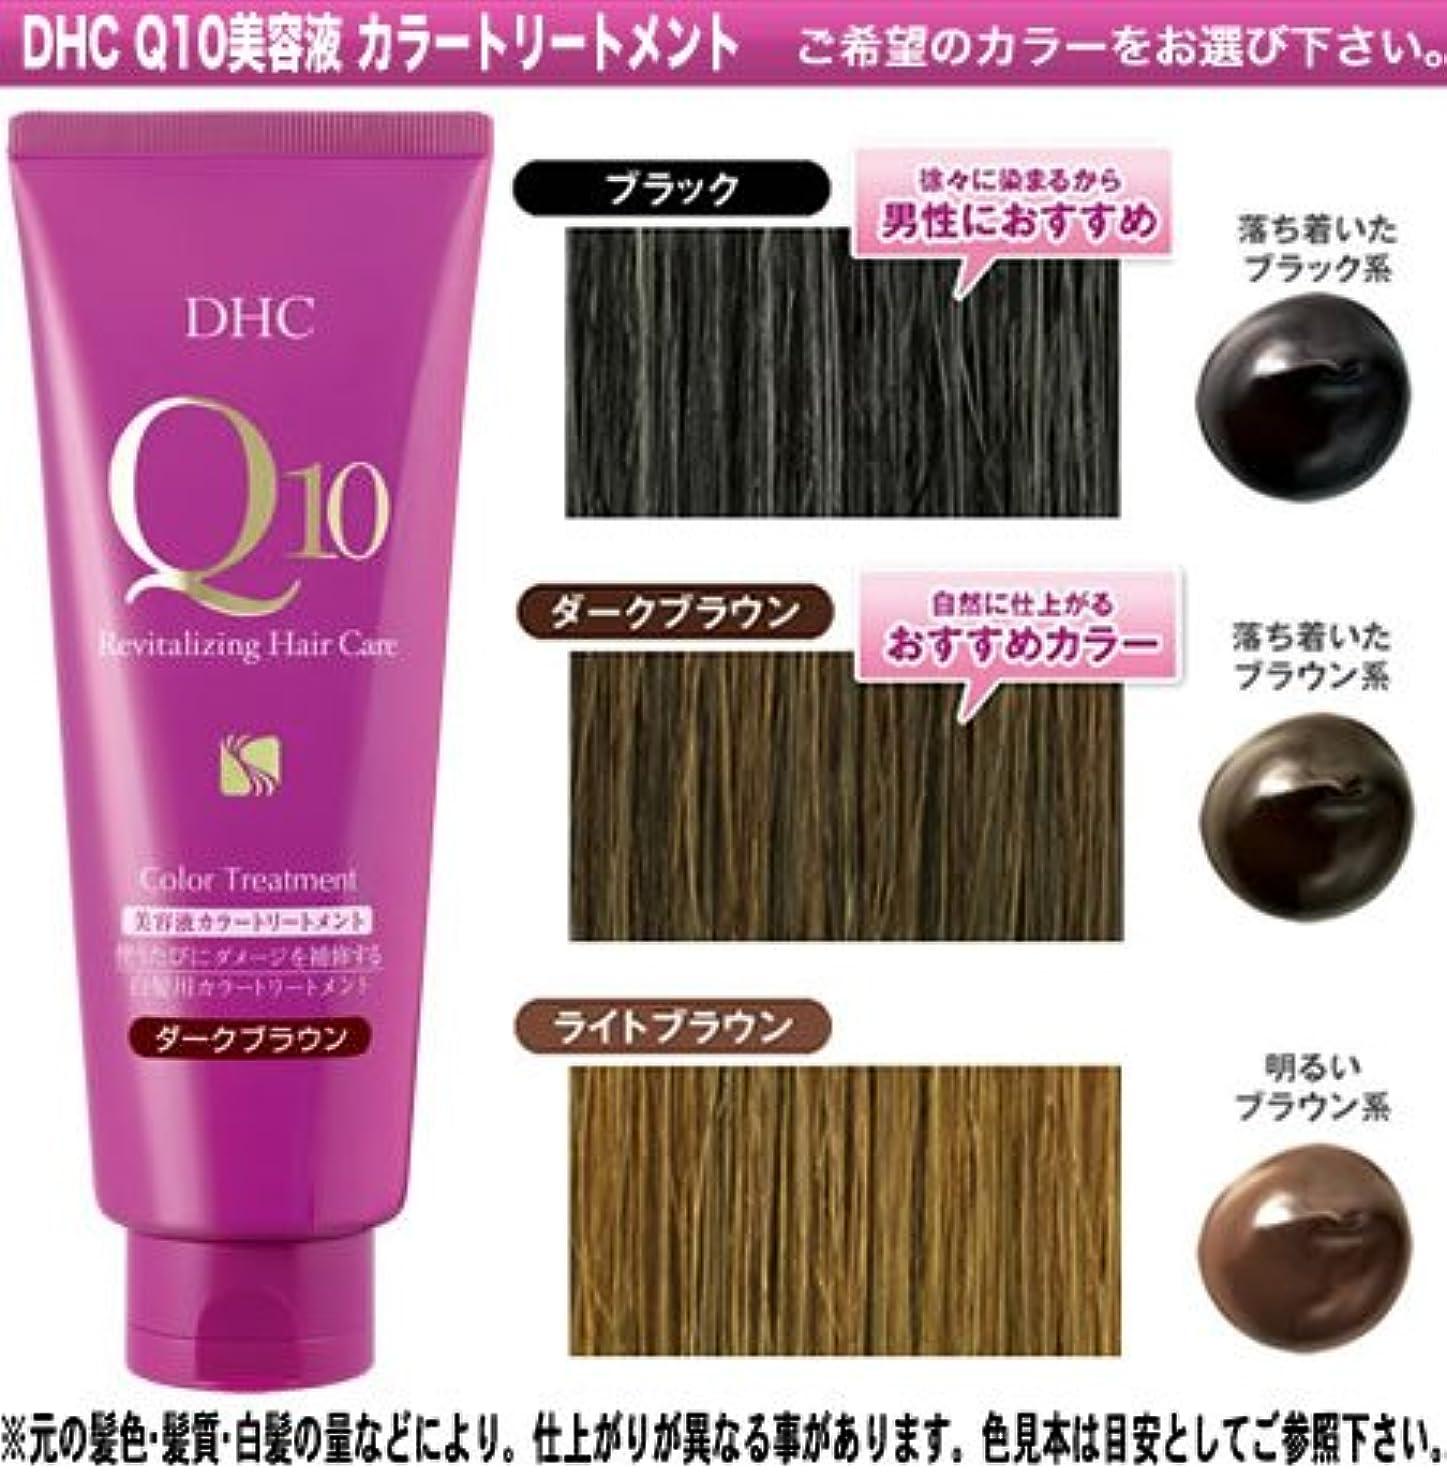 姪顕現マーティフィールディングDHC Q10美容液 カラートリートメント ブラック 235g